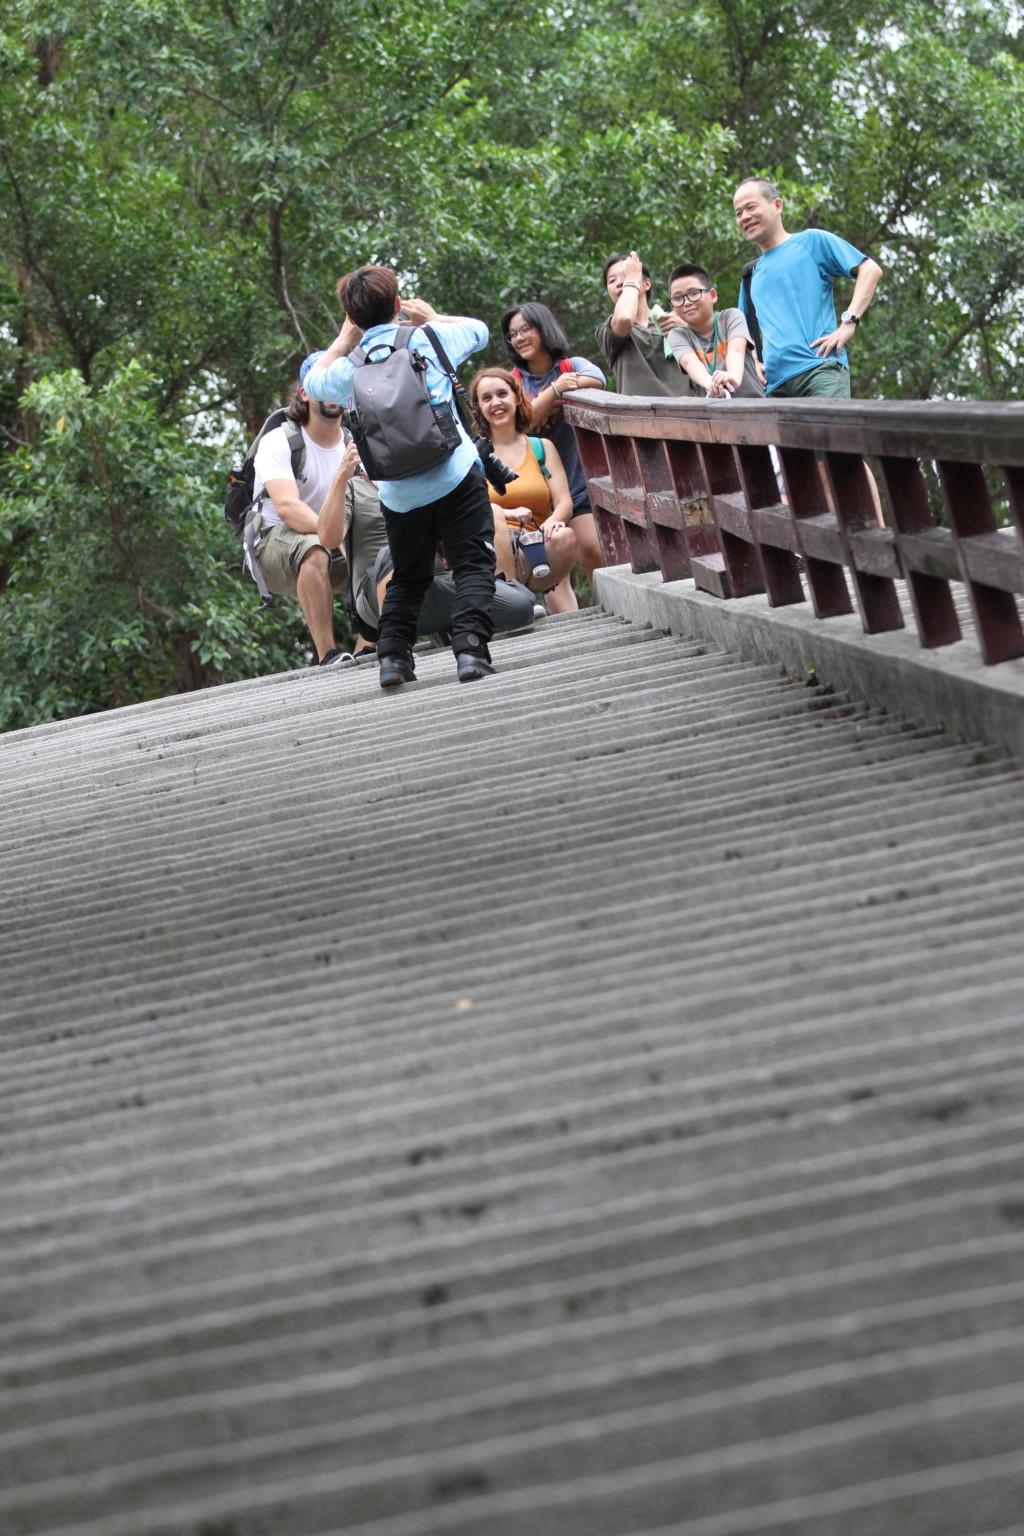 台湾人家族と外国人の記念撮影